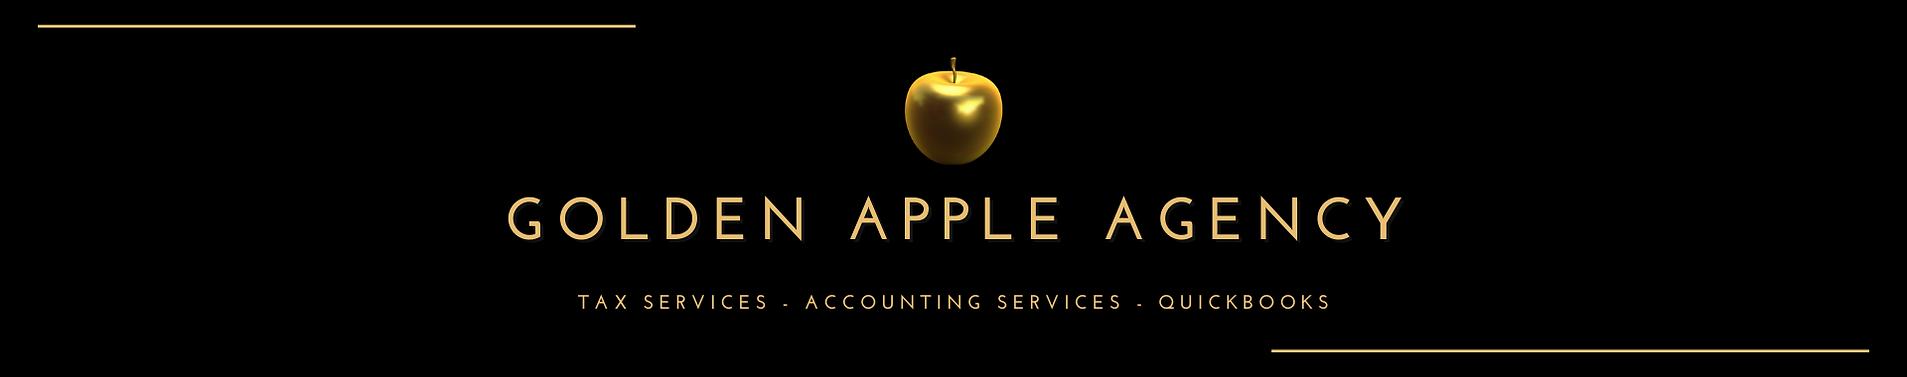 5Header Golden Apple Agency.png